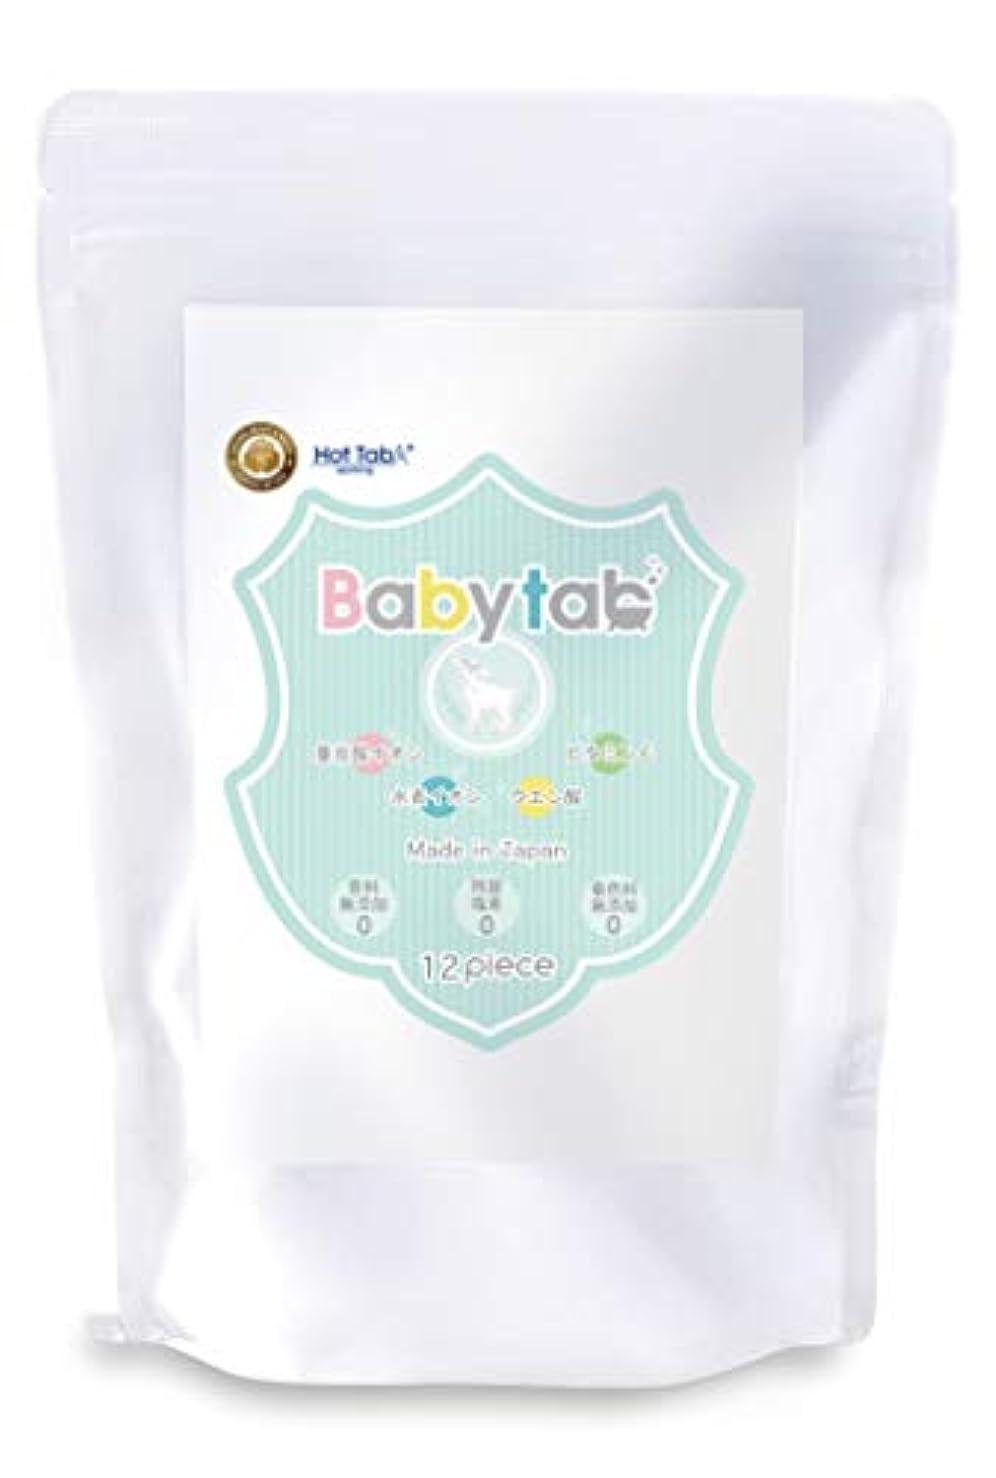 写真を撮る消毒する把握ベビタブ【Babytab】重炭酸 中性 入浴剤 沐浴剤 12錠入り(無添加 無香料 保湿 乾燥肌 オーガニック あせも 塩素除去)赤ちゃんから使える